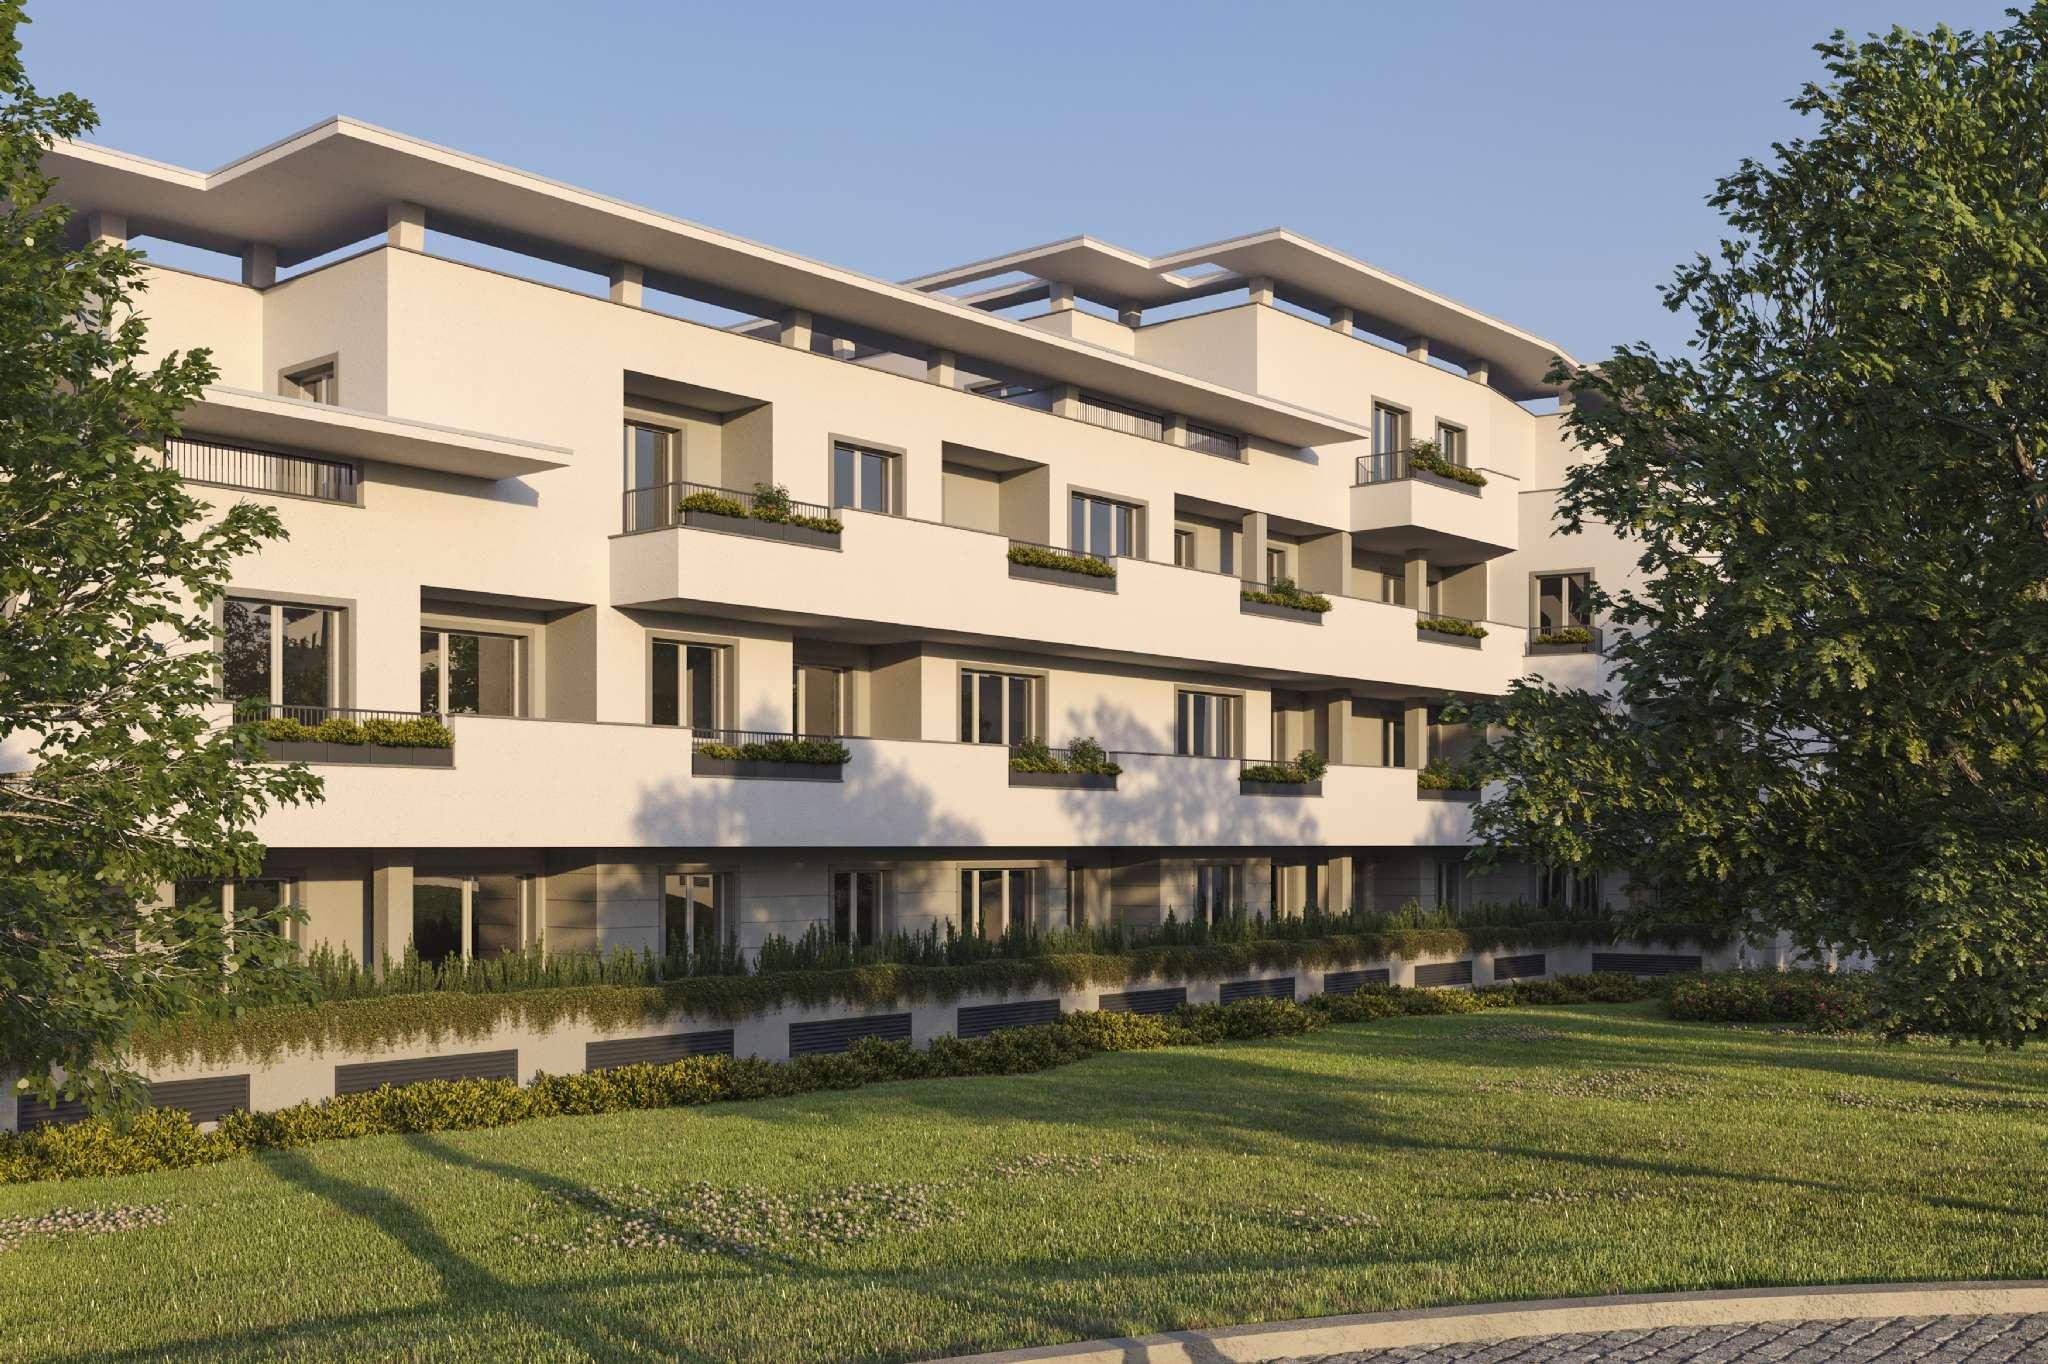 Appartamento in vendita a Somma Lombardo, 3 locali, prezzo € 235.000 | PortaleAgenzieImmobiliari.it